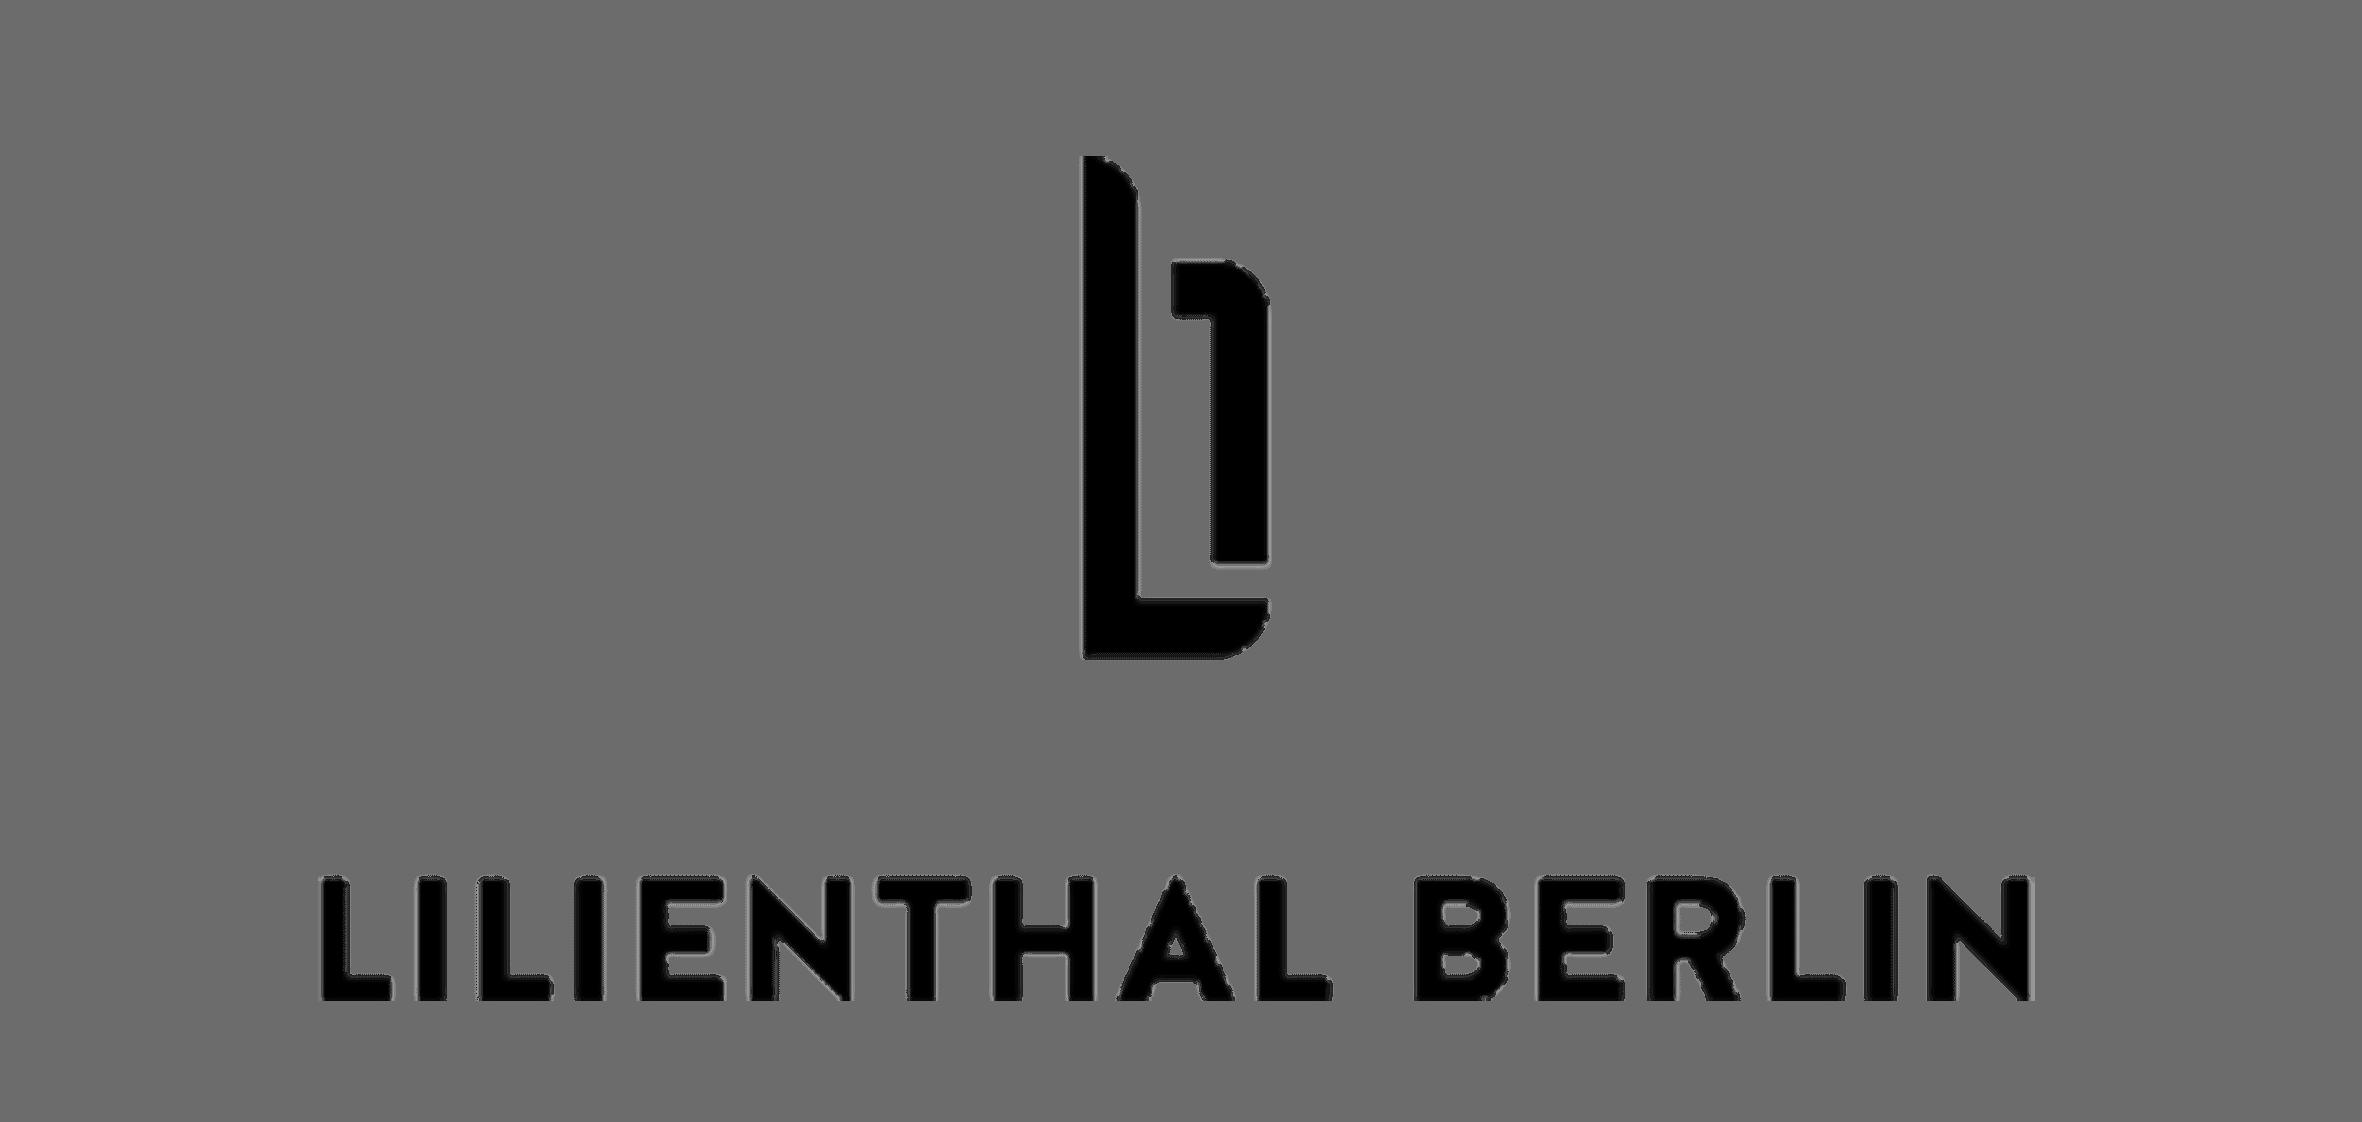 Lilienthal Berlin